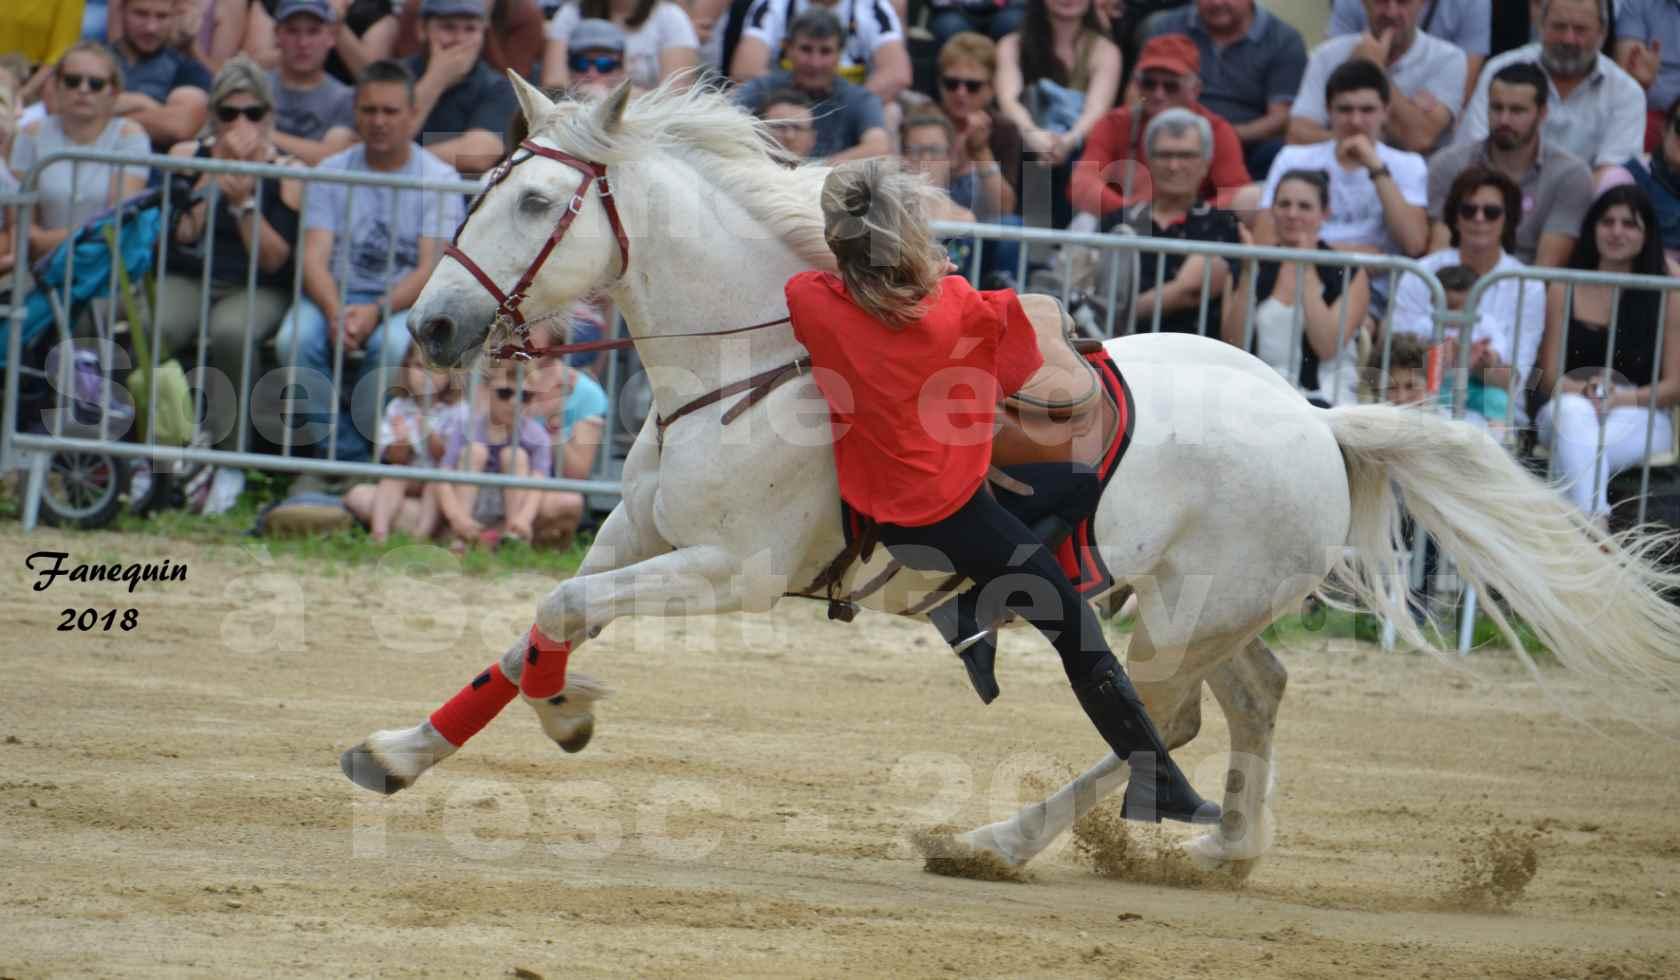 Spectacle Équestre le 3 juin 2018 à Saint Gély du Fesc - Voltige équestre - Troupe de Jean Antoine FIRMIN - 25